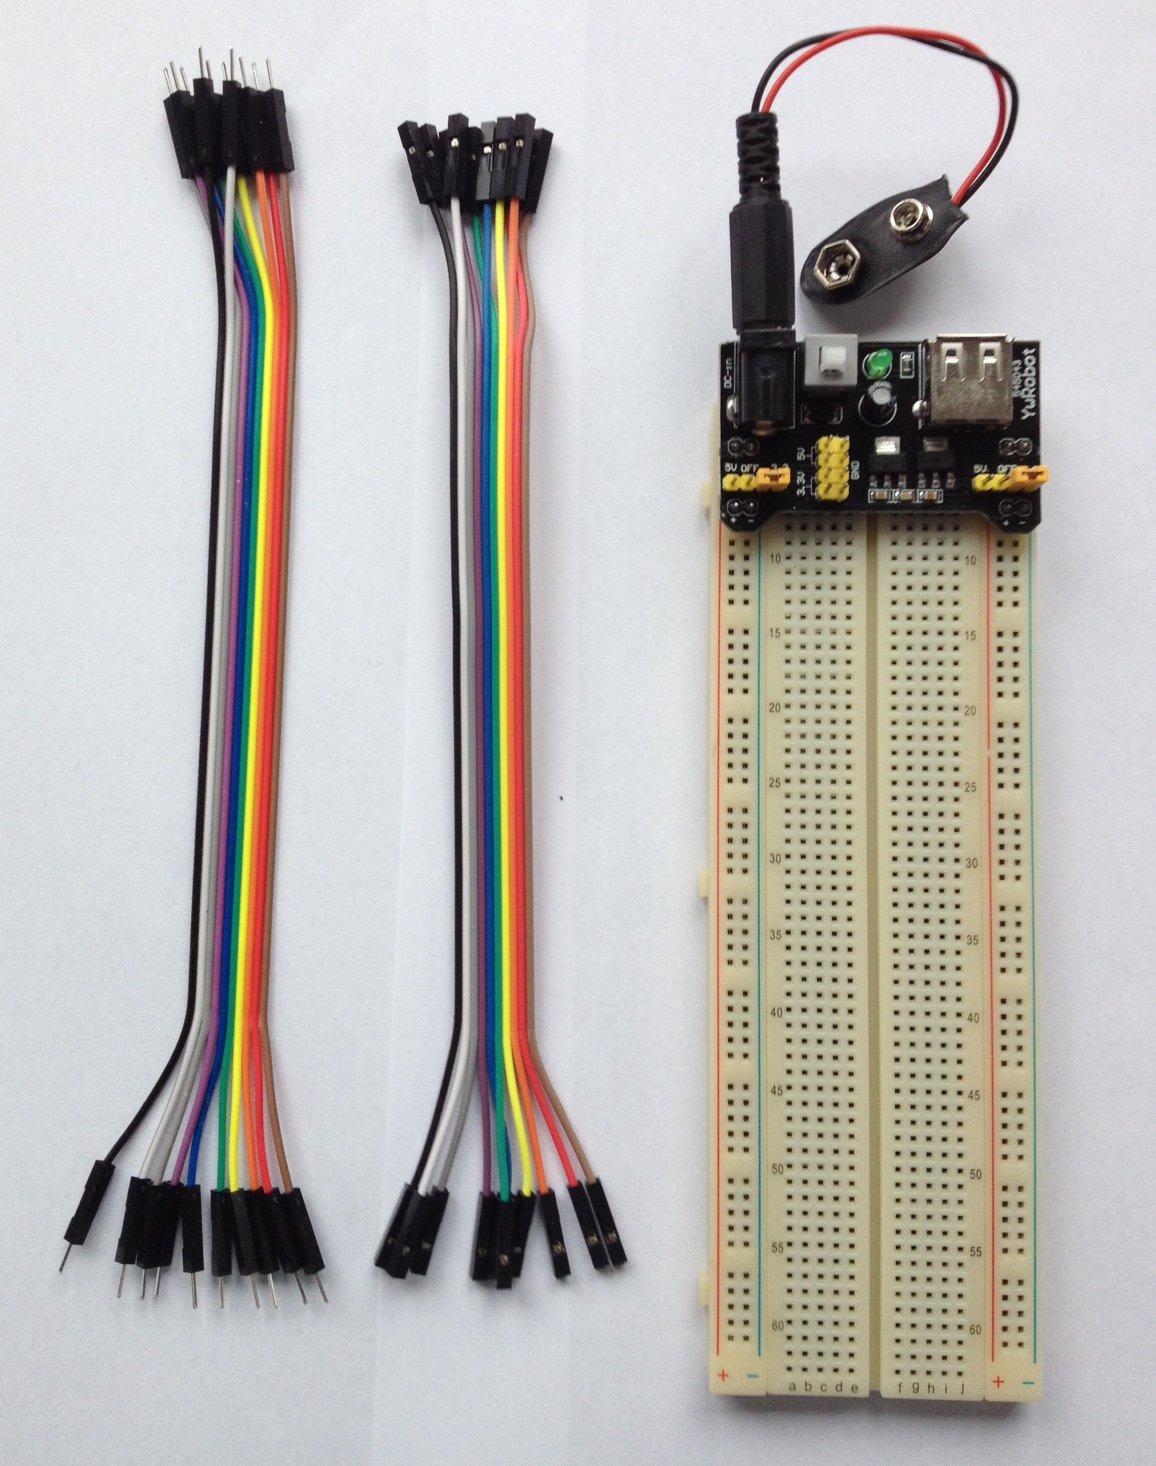 Steckbrett Set mit MB-102 Breadboard+Jumper-Drähte+Netzteil Modul 3.3 V// 5 V